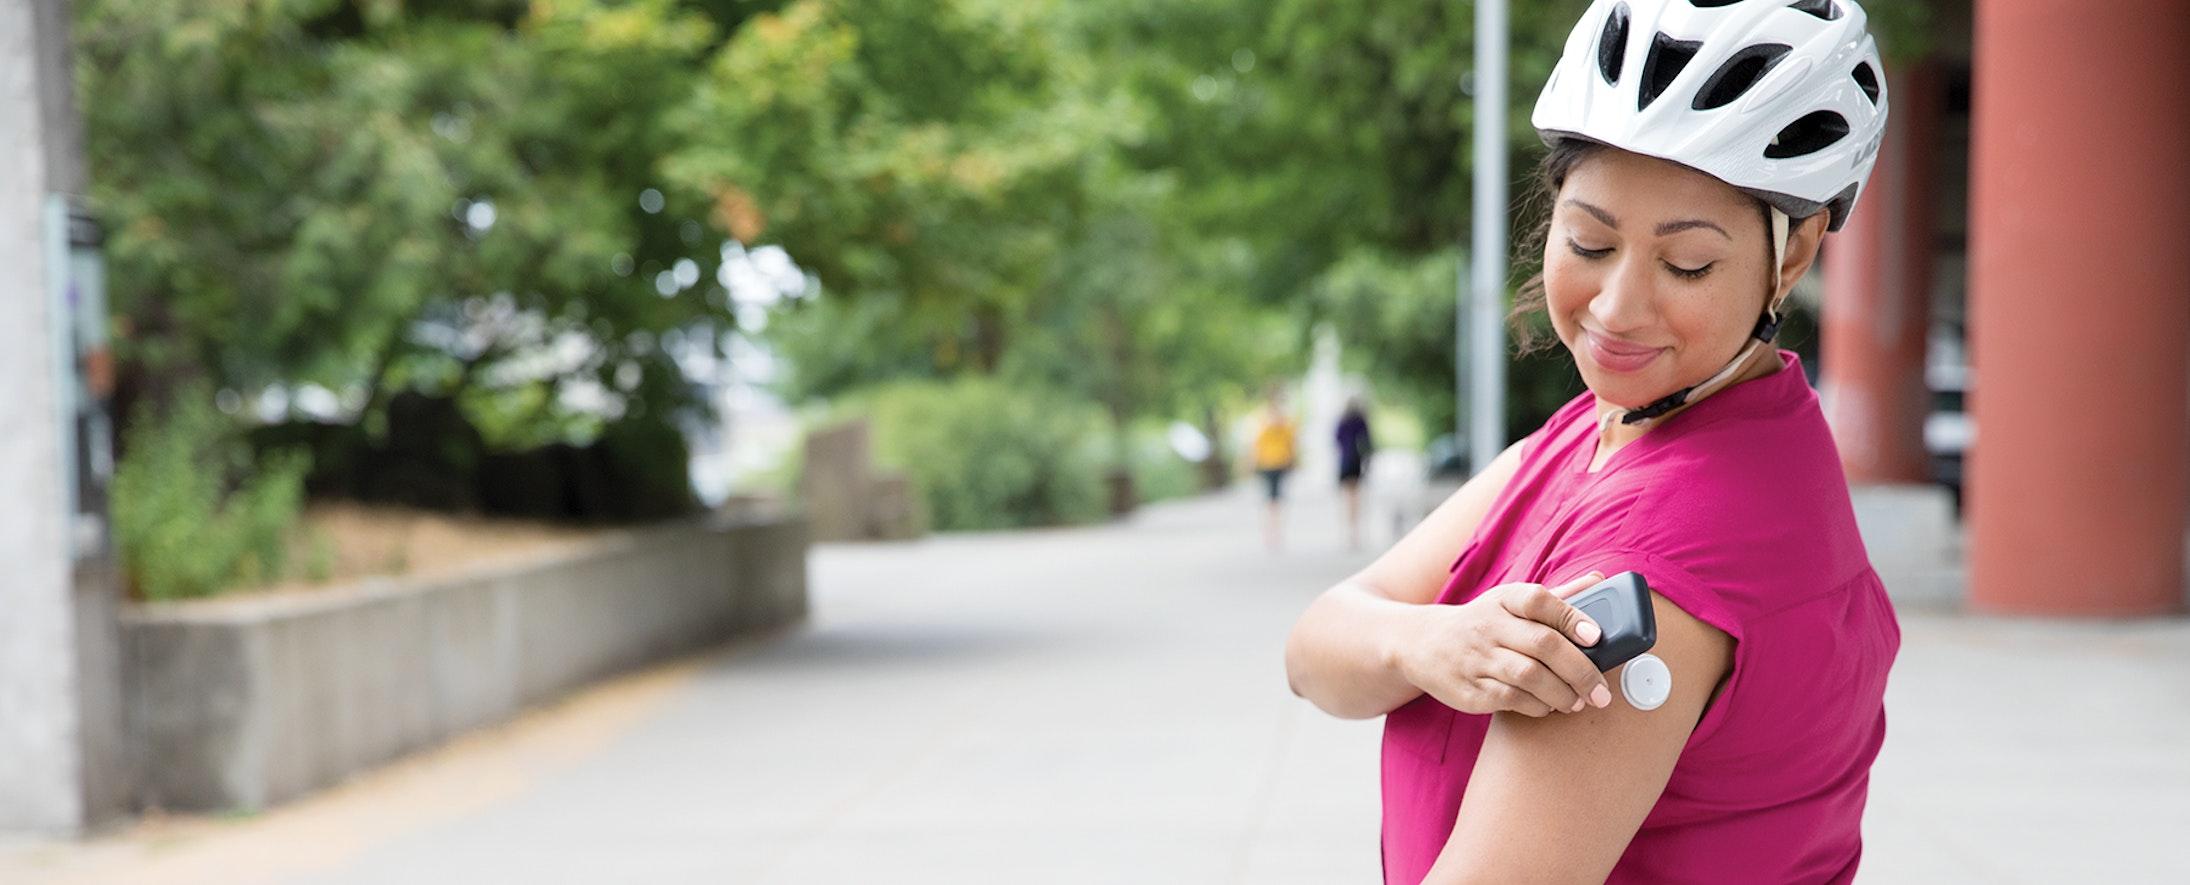 FreestyleLibre2 - Glukosewertmessung in Ihren Alltag